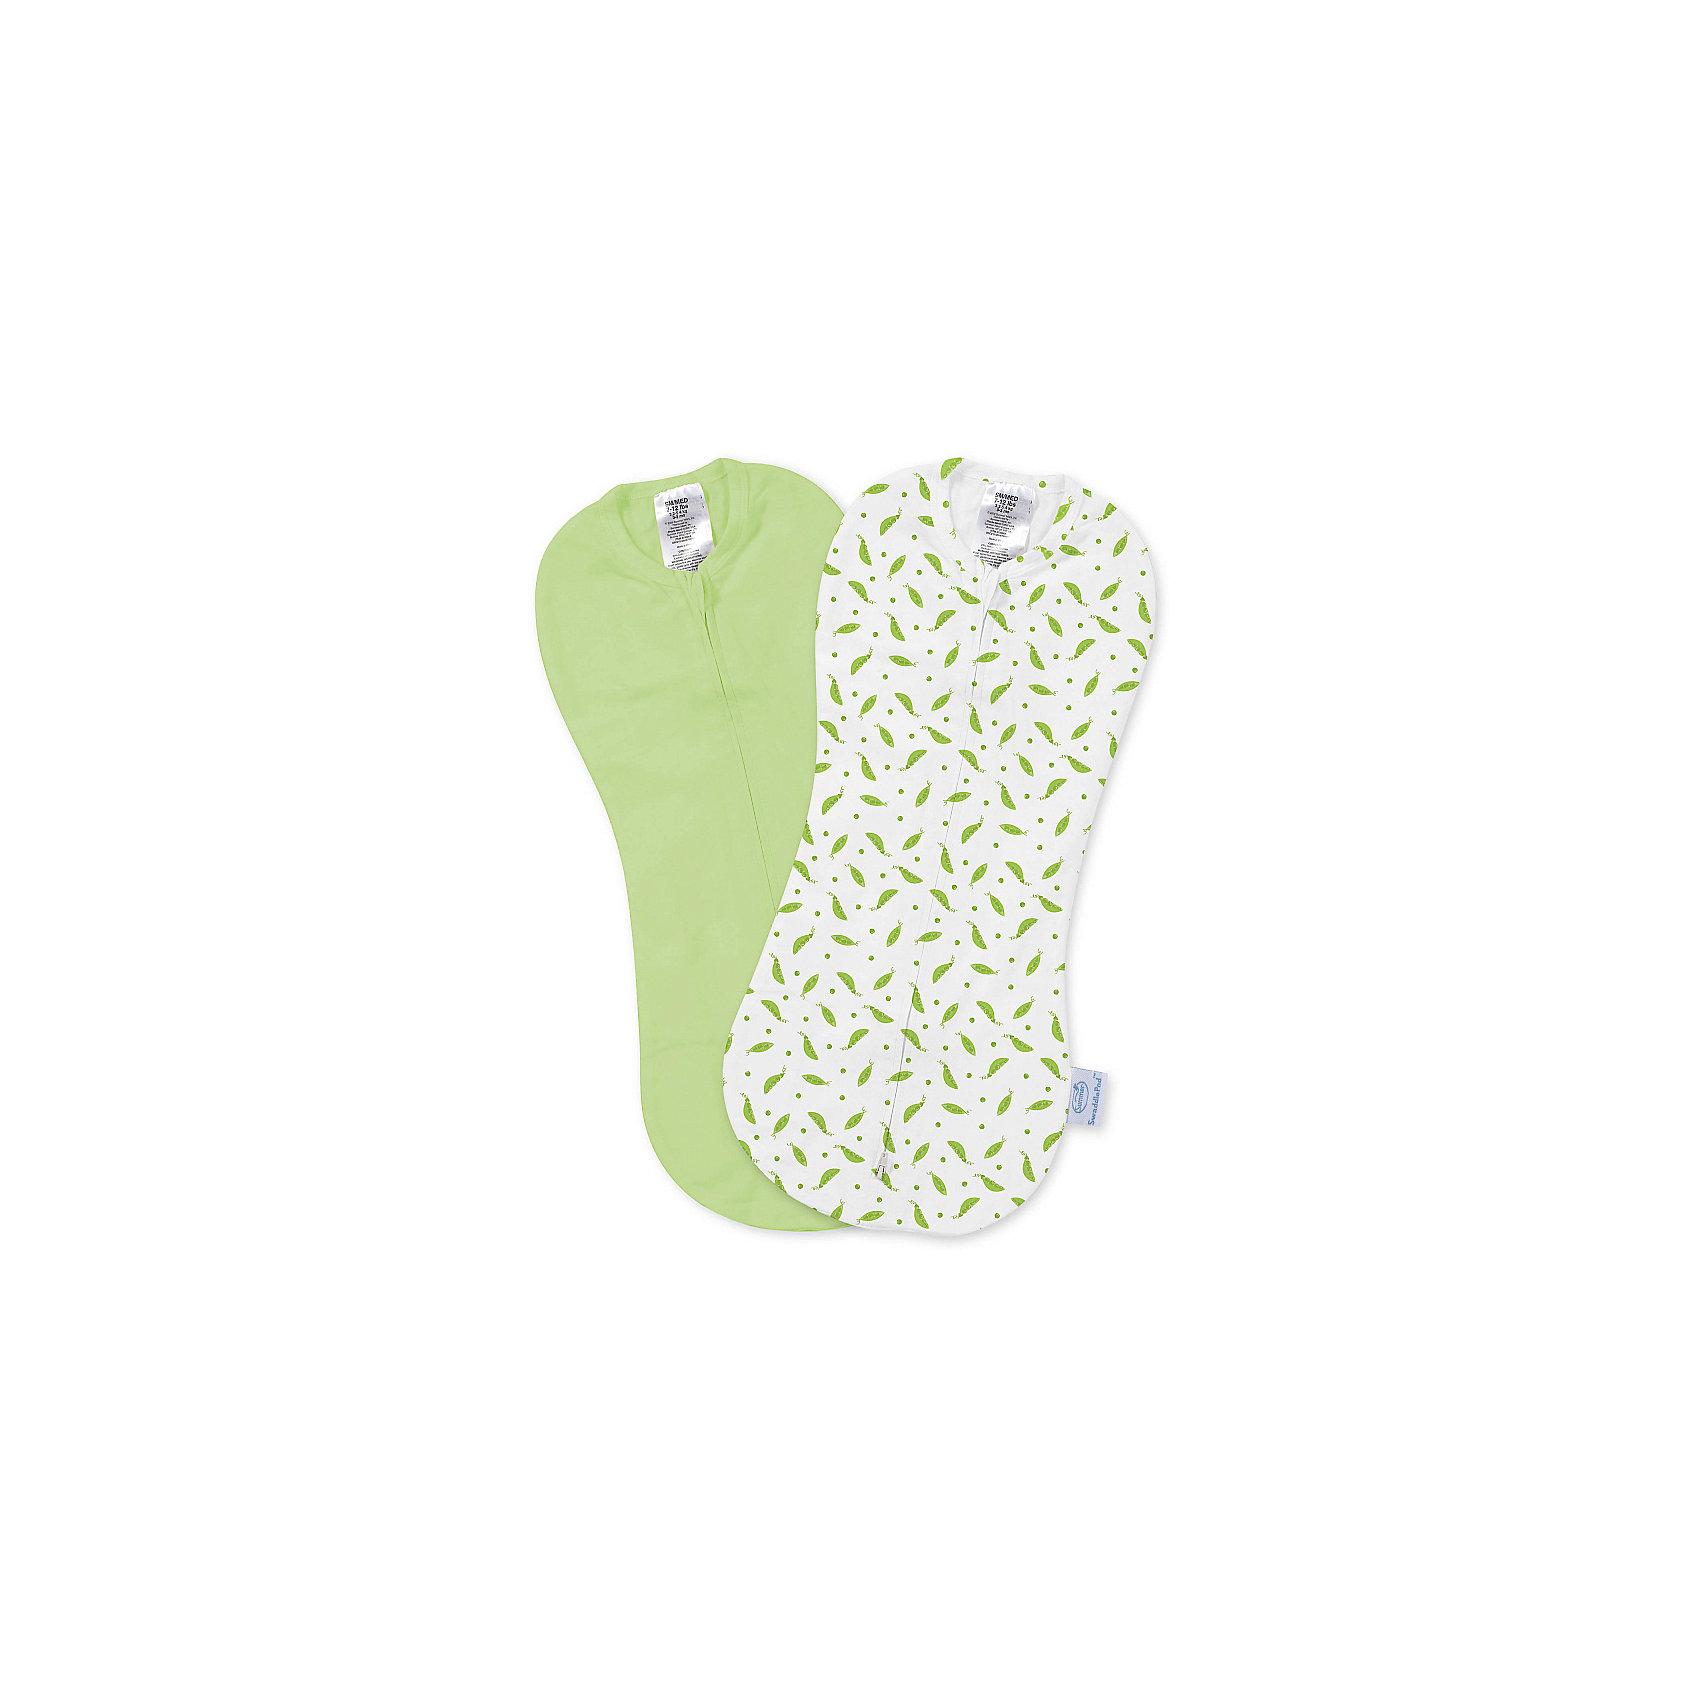 Конверт на молнии Swaddlepod®, (2 шт.), Summer Infant, зеленый/горошекПеленание<br>Конверт на молнии Swaddlepod®, (2 шт.), Summer Infant (Саммер Инфант), зеленый/горошек.<br><br>Характеристики:<br><br>• мягкая ткань с эластичными волокнами<br>• безопасная молния<br>• можно сменить подгузник, не беспокоя малыша<br>• материал: хлопок, эластан<br>• расцветка: зеленый/горошек<br><br>Конверт для пеленания на молнии Swaddlepod®, Summer Infant станет незаменимым помощником заботливых родителей. Конверт изготовлен из мягкого эластичного хлопка, приятного телу. Конструкция молнии защитит подбородок крохи. Вы сможете сменить подгузник, не беспокоя ребенка во сне. Конверт предотвратит пробуждение малыша при вздрагиваниях во сне.<br><br>Конверт на молнии Swaddlepod®, (2 шт.), Summer Infant (Саммер Инфант), зеленый/горошек можно купить в нашем интернет-магазине.<br><br>Ширина мм: 15<br>Глубина мм: 200<br>Высота мм: 250<br>Вес г: 200<br>Возраст от месяцев: 0<br>Возраст до месяцев: 3<br>Пол: Унисекс<br>Возраст: Детский<br>SKU: 5089940